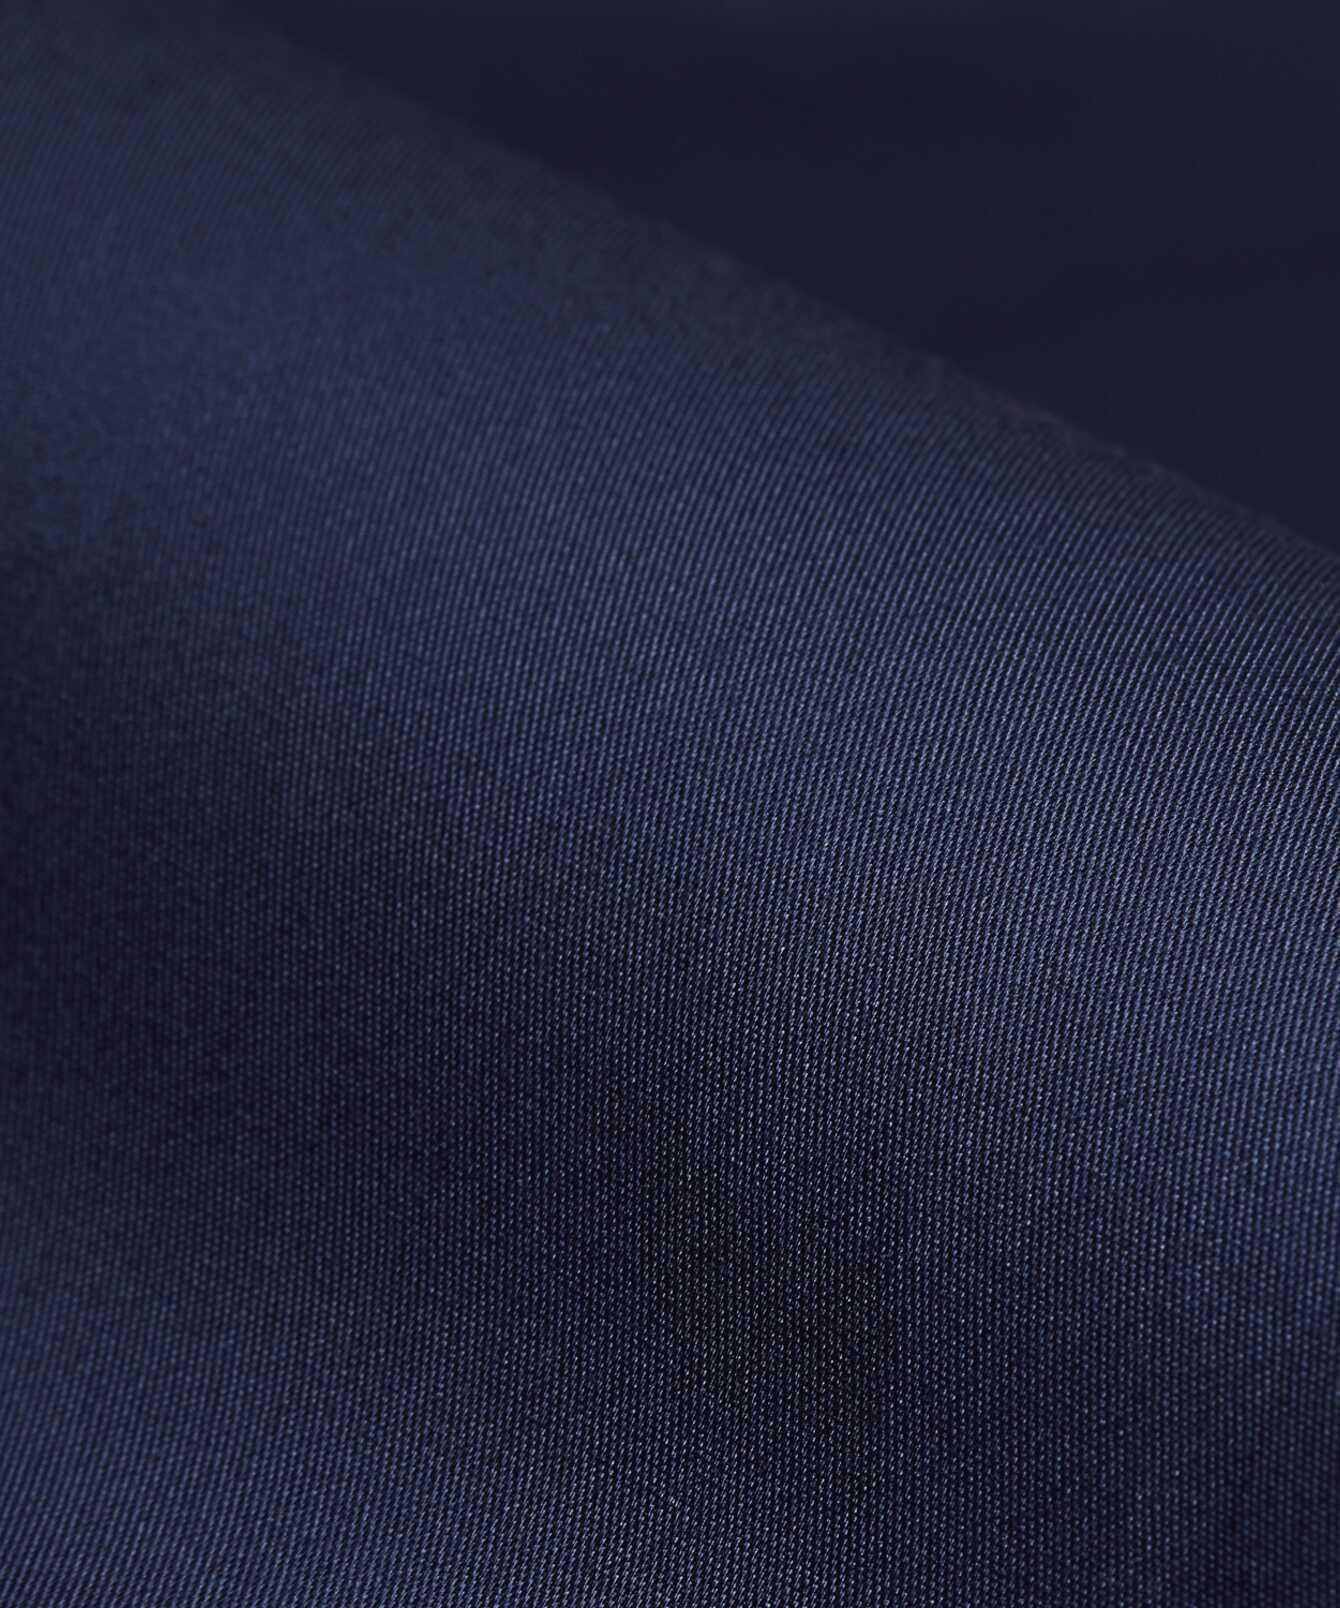 Skjorta Grand Twill Strykfri Mörkblå Extra Lång Ärm The Shirt Factory